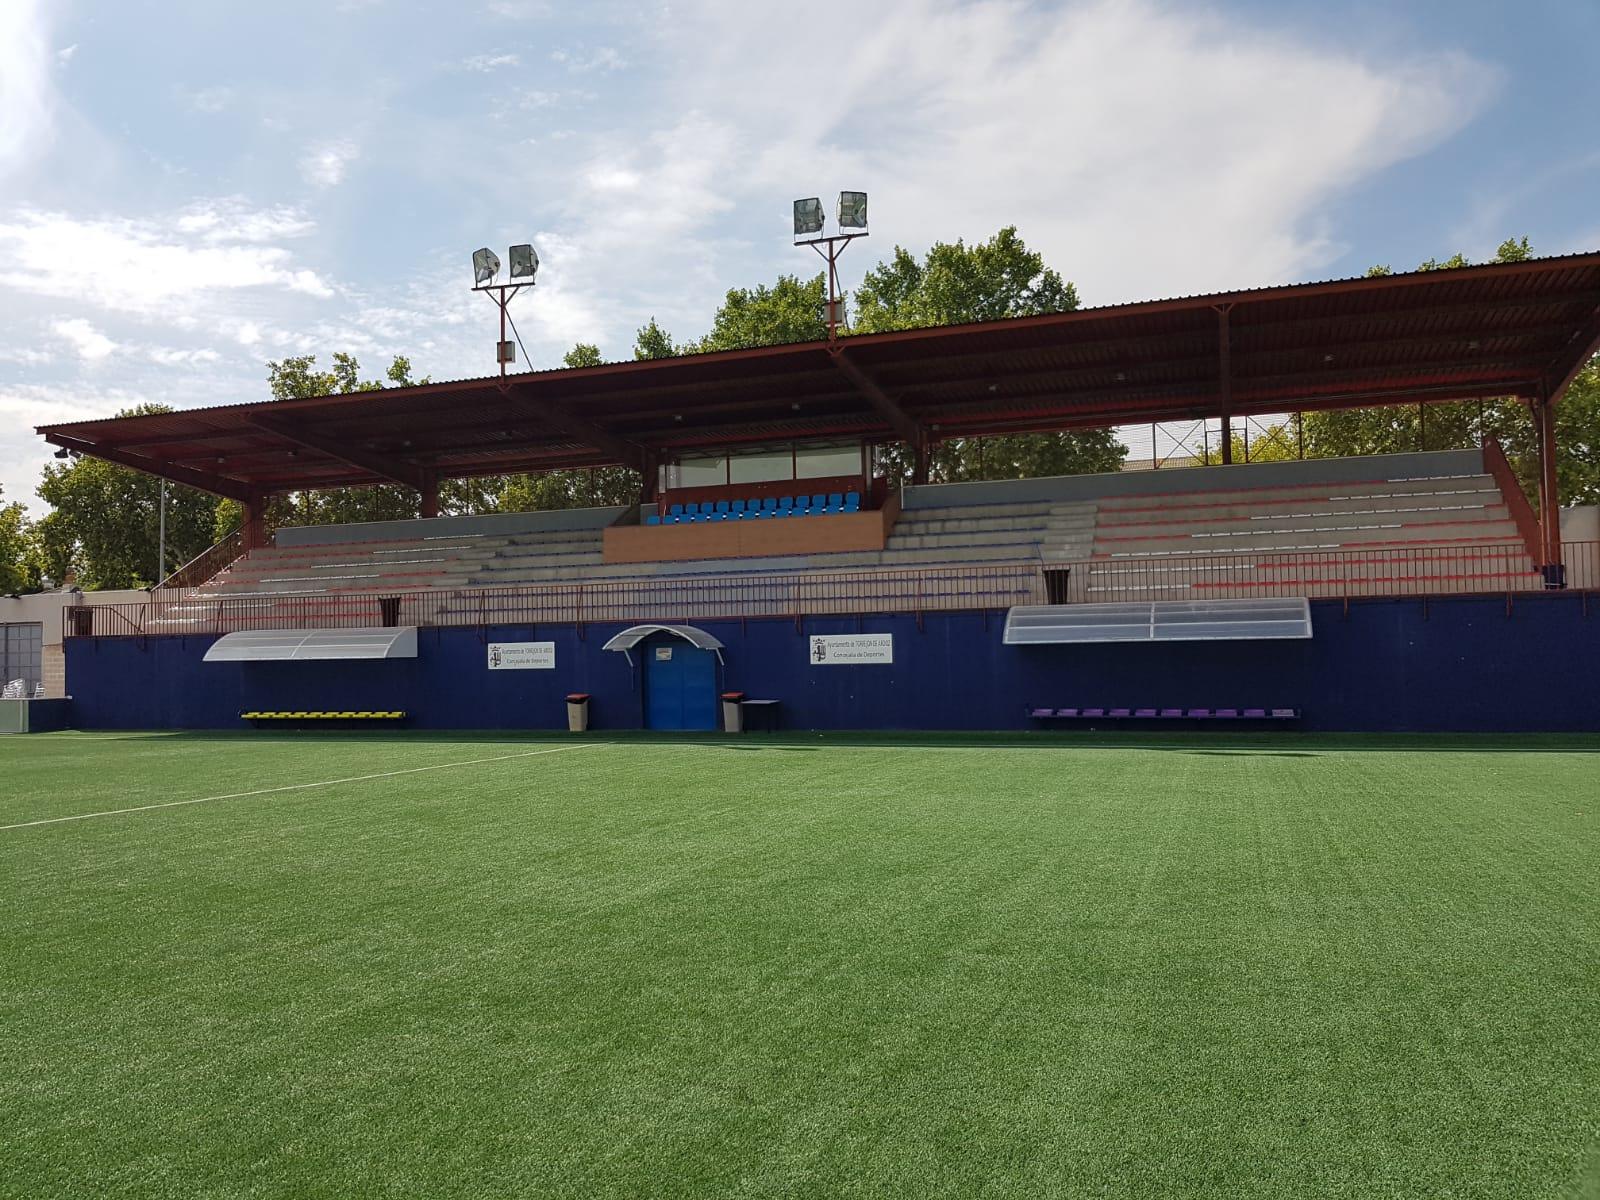 Nuevos asientos Mondoseat en el campo de Las Veredillas (Torrejón de Ardoz), que también cuenta con césped Mondo.